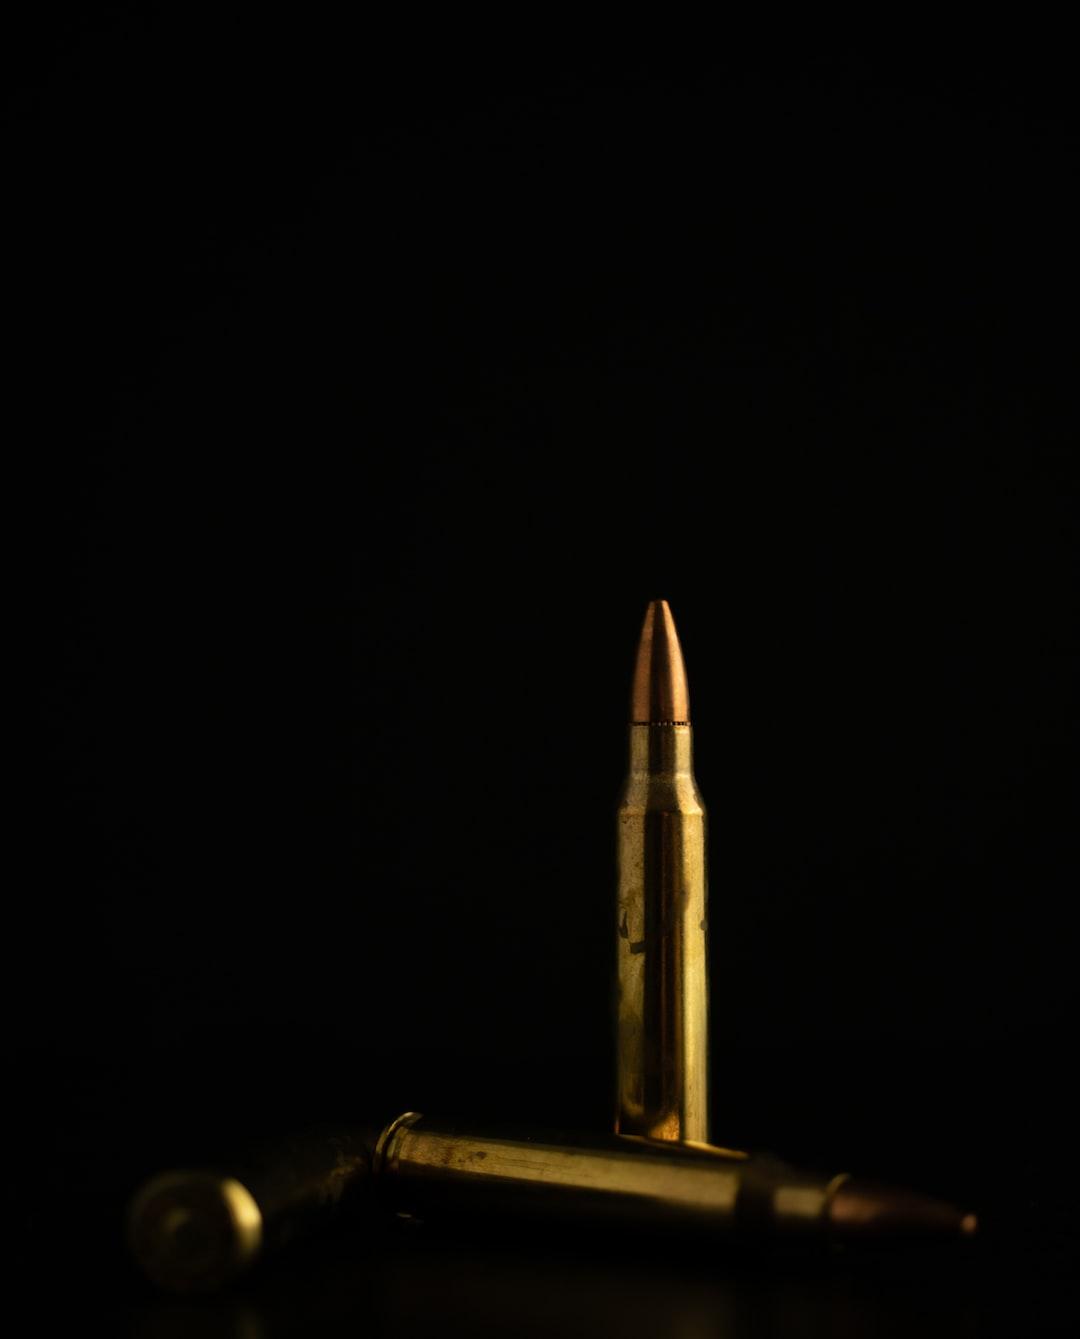 Brass ammunition .223